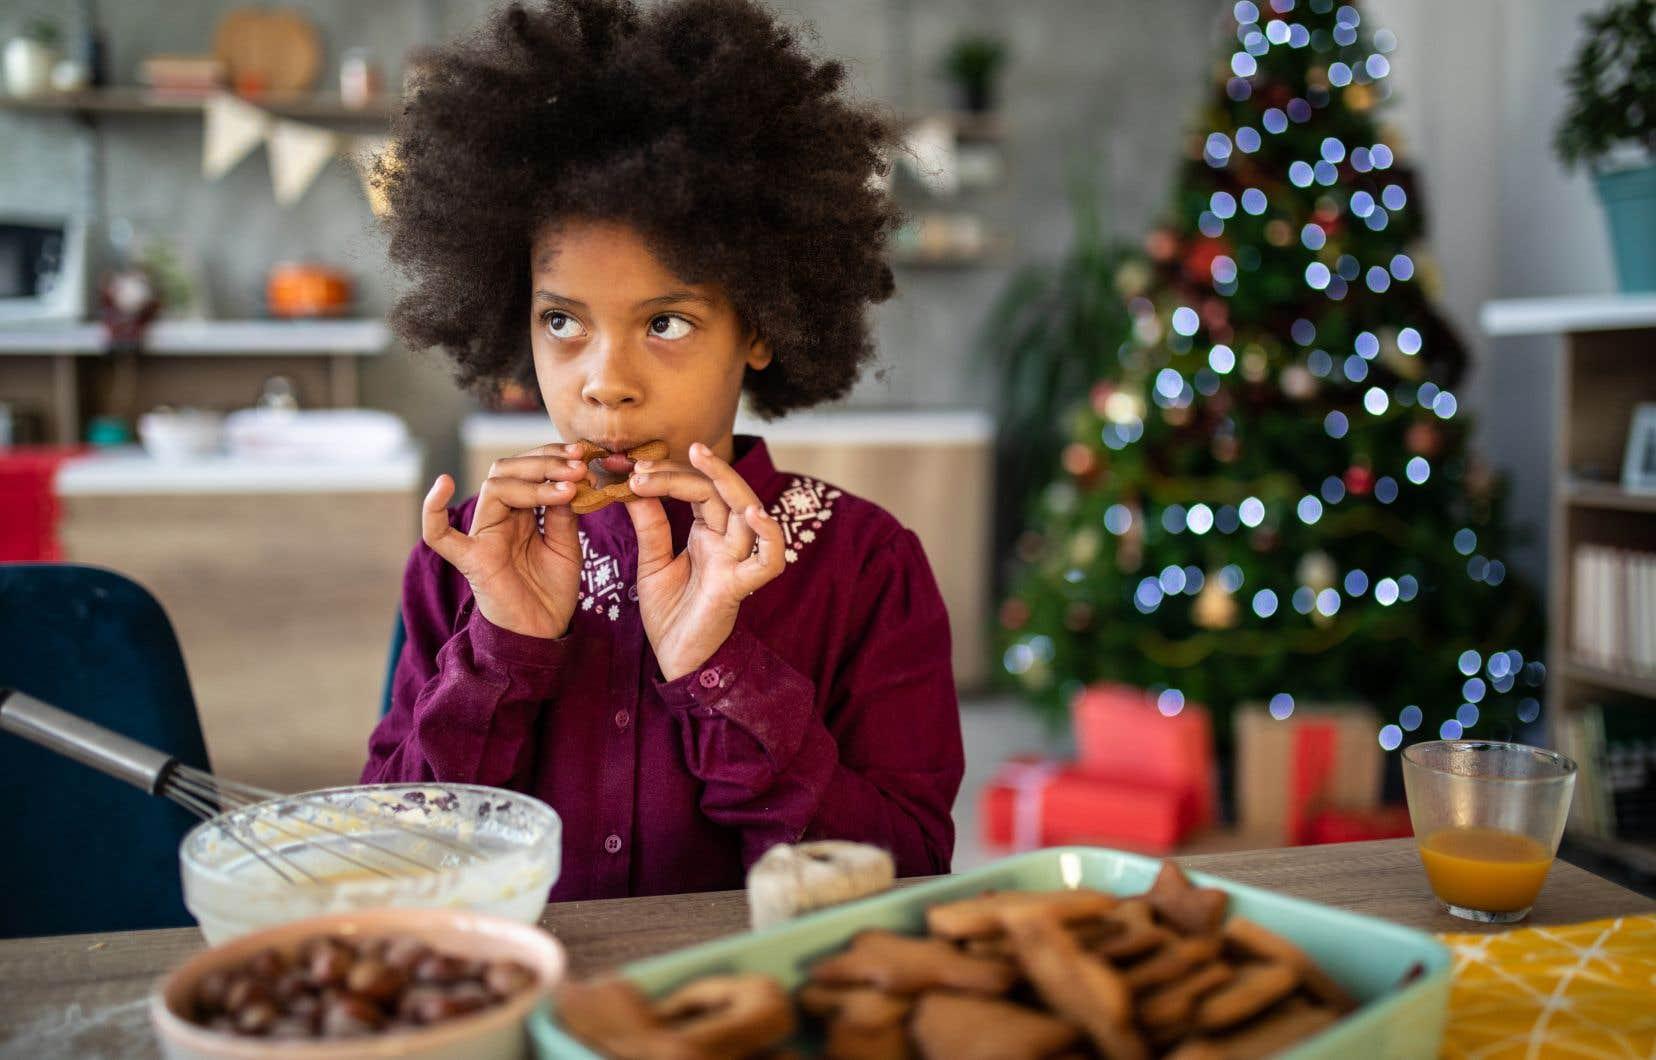 Souvent, petits et grands sont exposés à la culture de la diète depuis leur enfance.